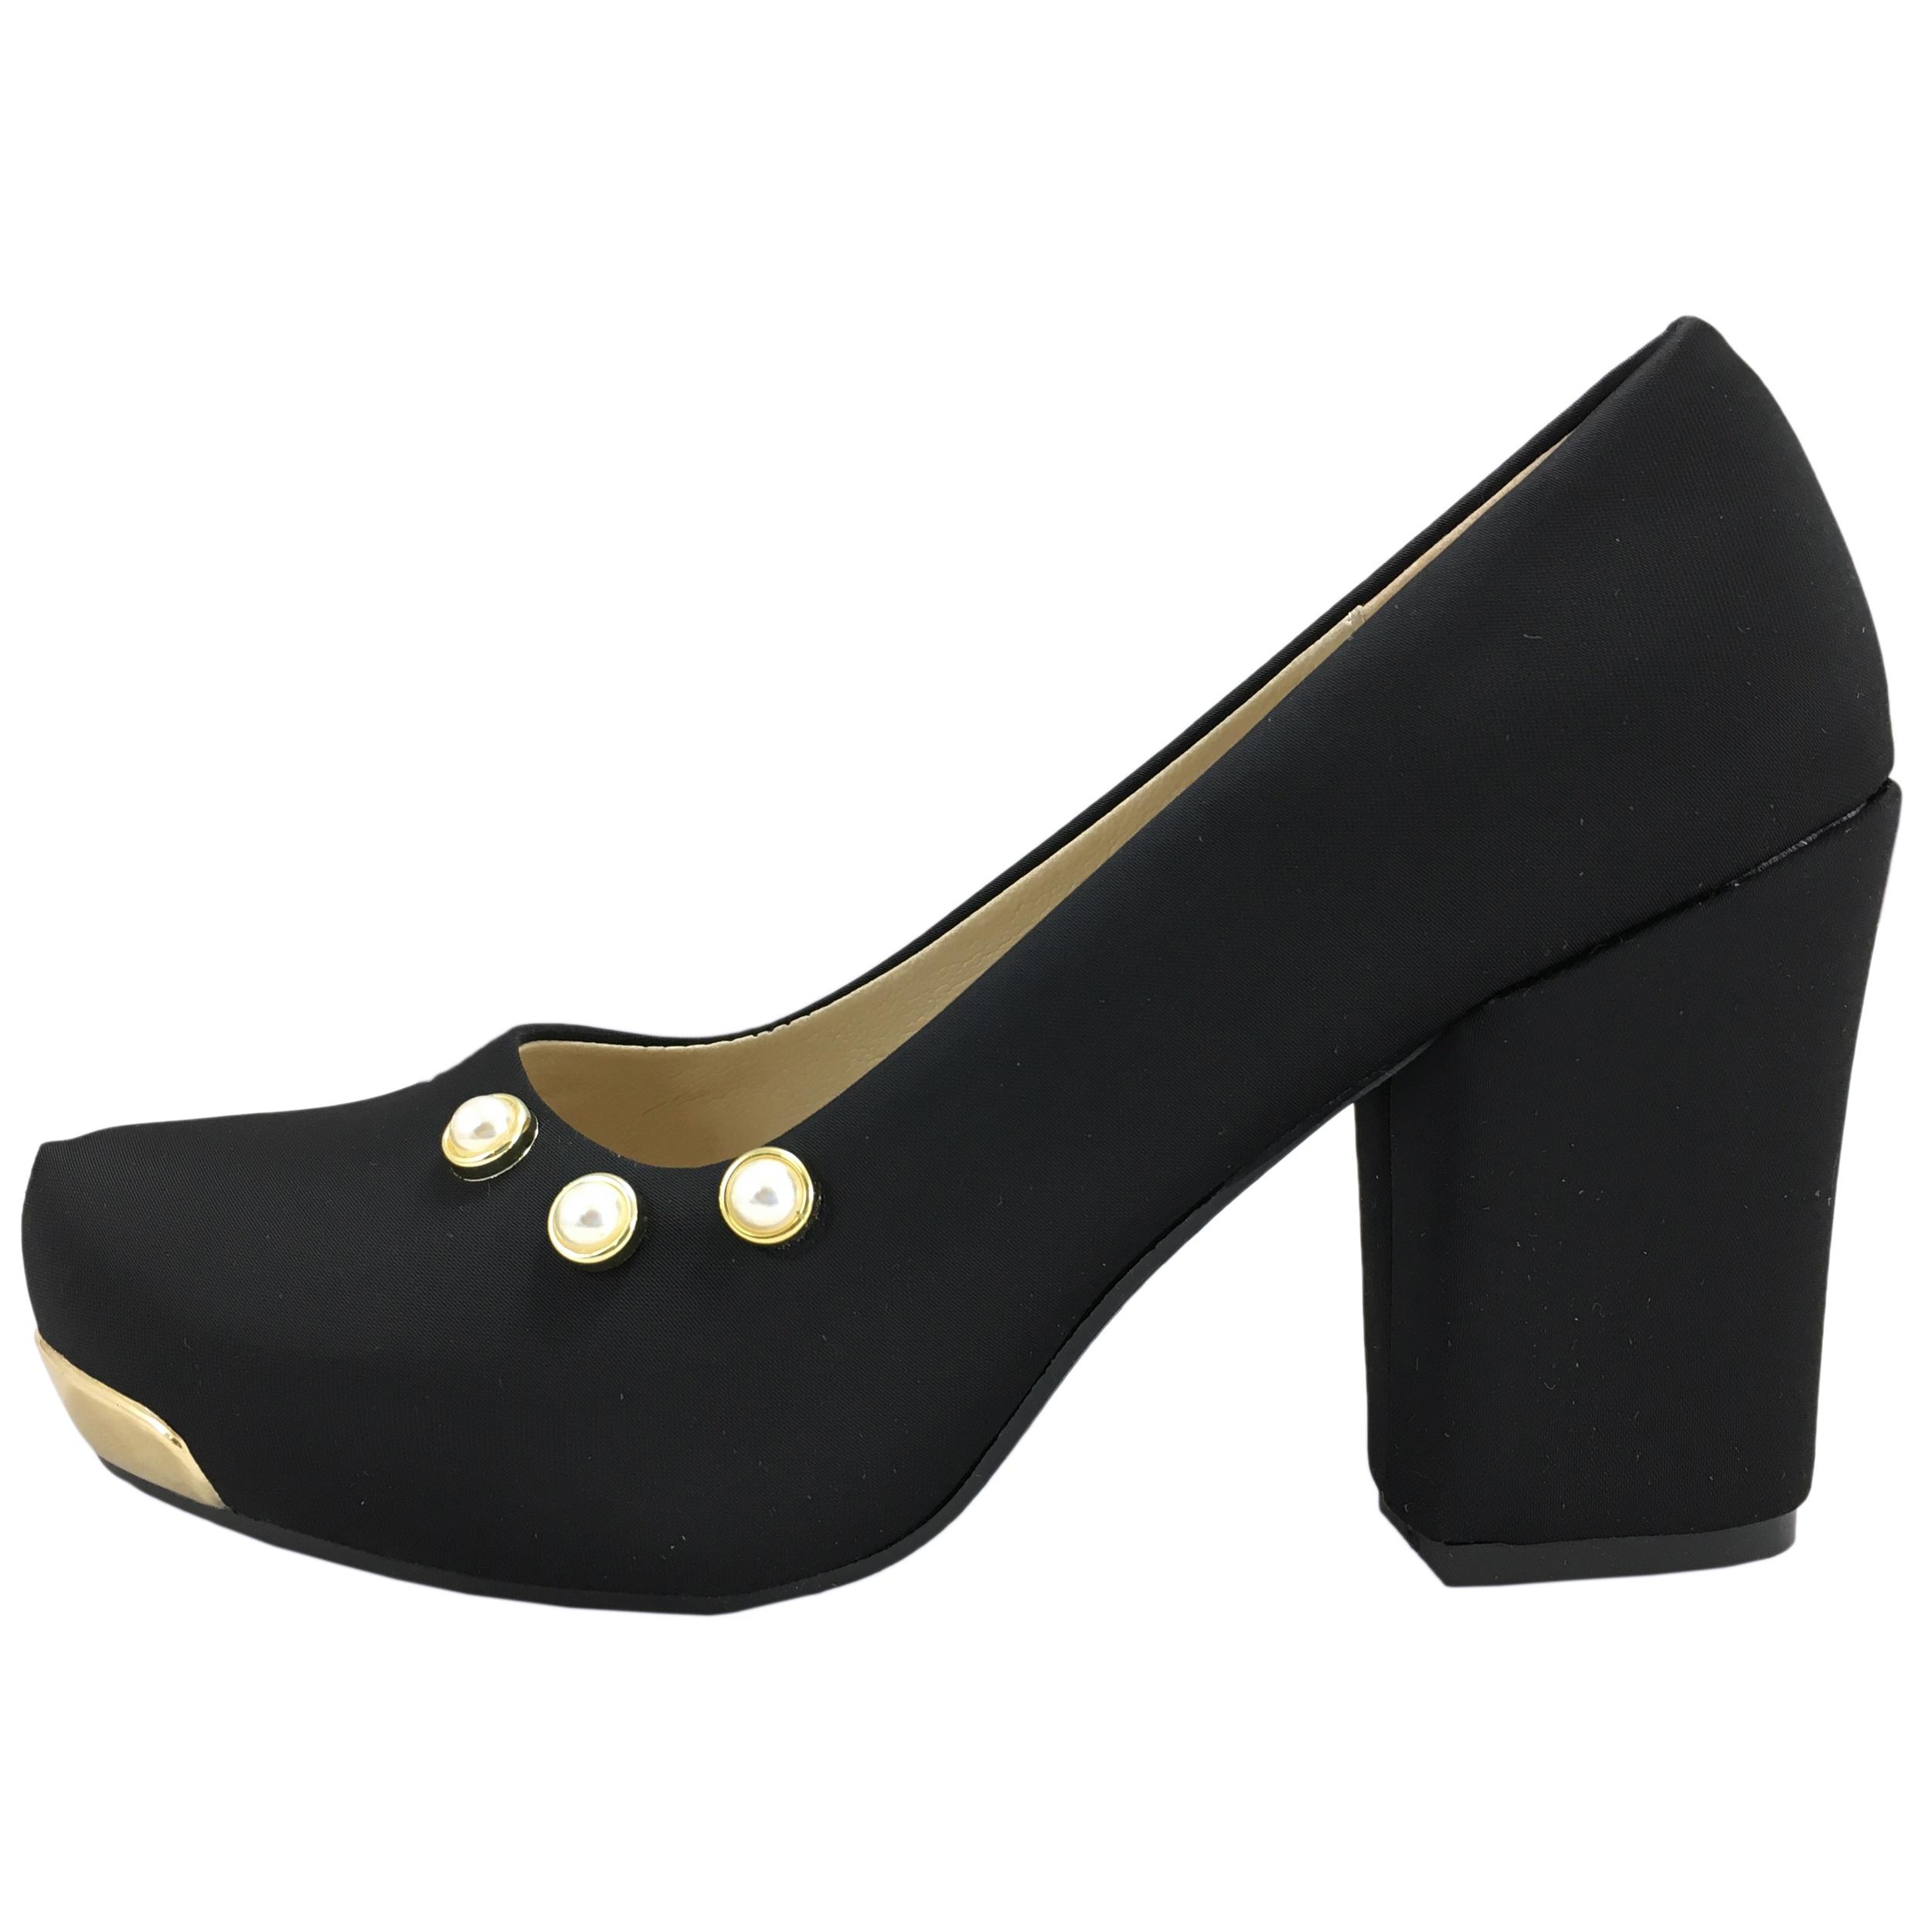 تصویر کفش  زنانه مدل مجلسی کد A080